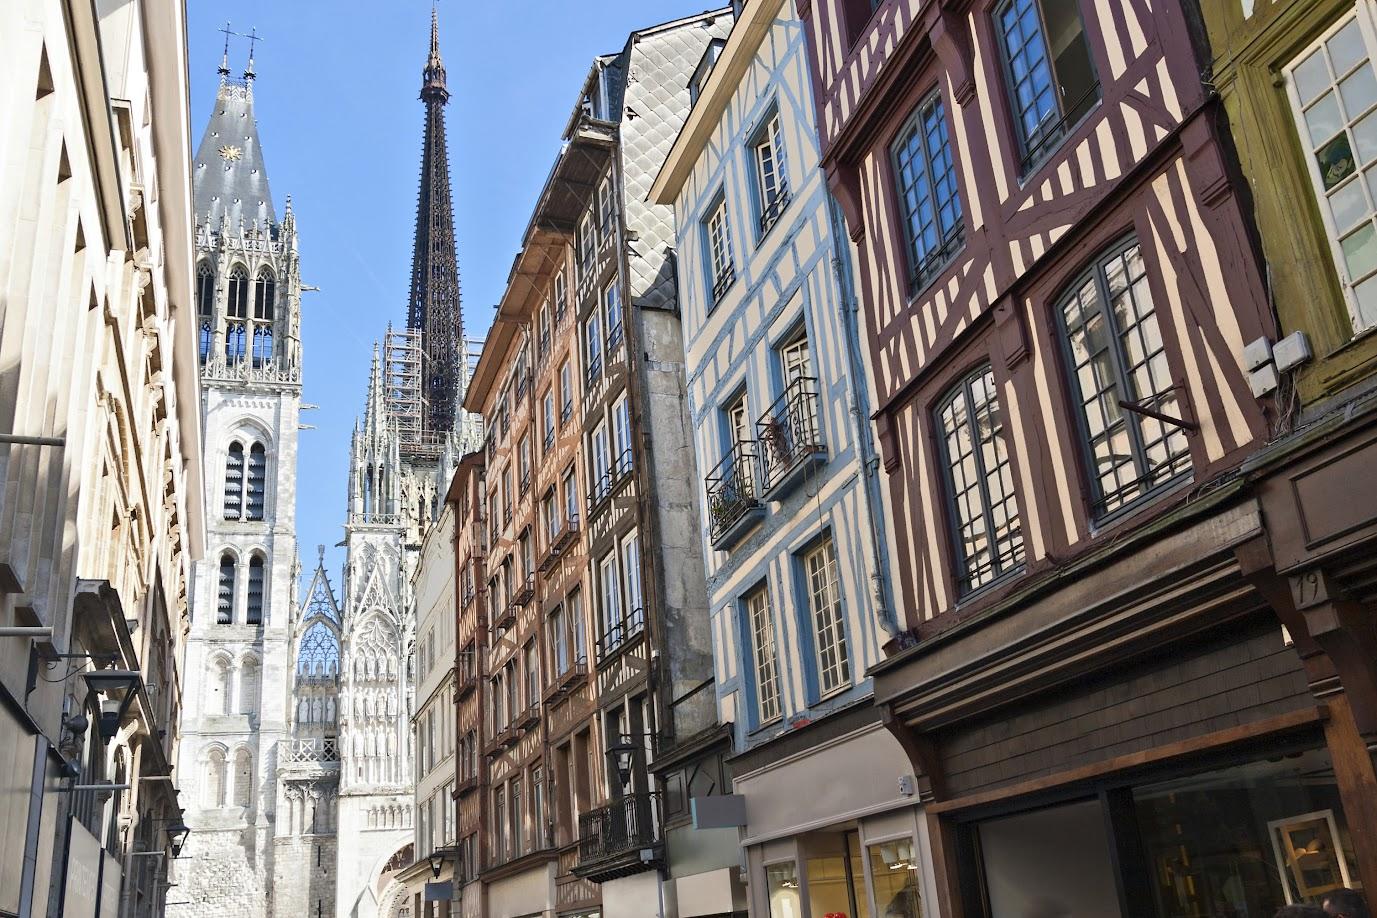 Rouen (Руан), Нормандия, Франция - путеводитель, достопримечательности